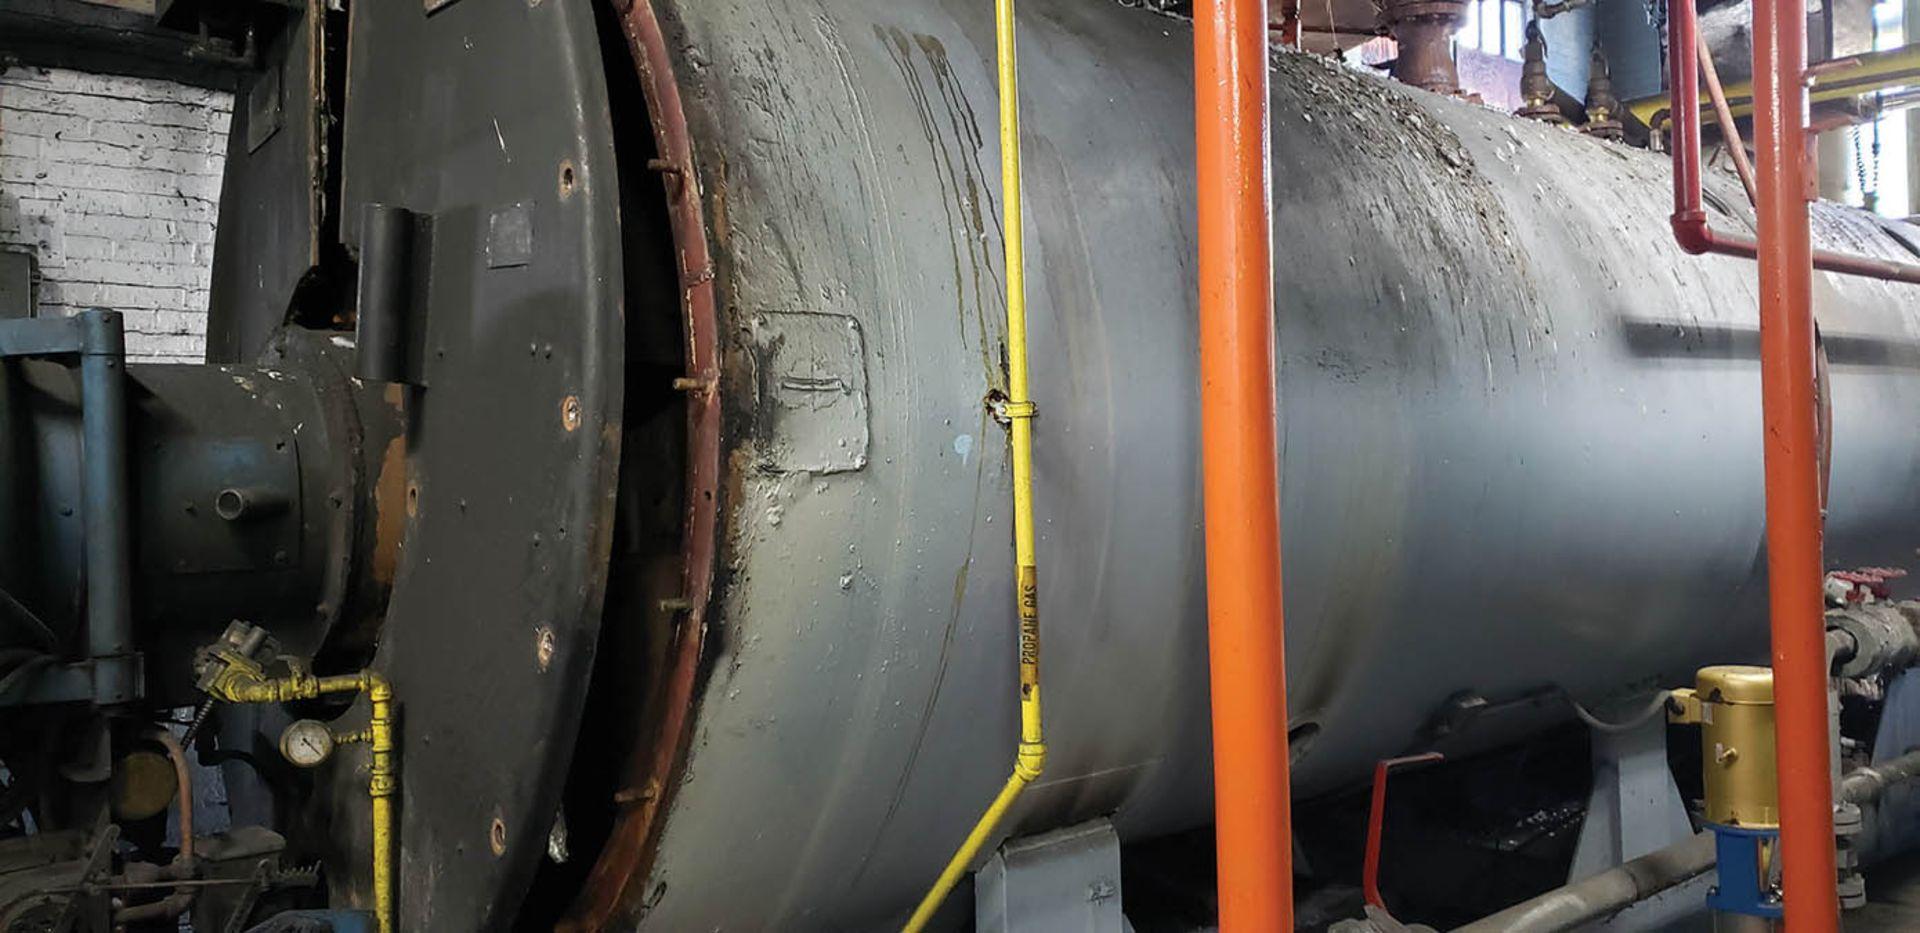 1958 AMES 500 HP #4 OIL BOILER, 150 LBS. MAX. PRESSURE, S/N 60017 - Image 3 of 4